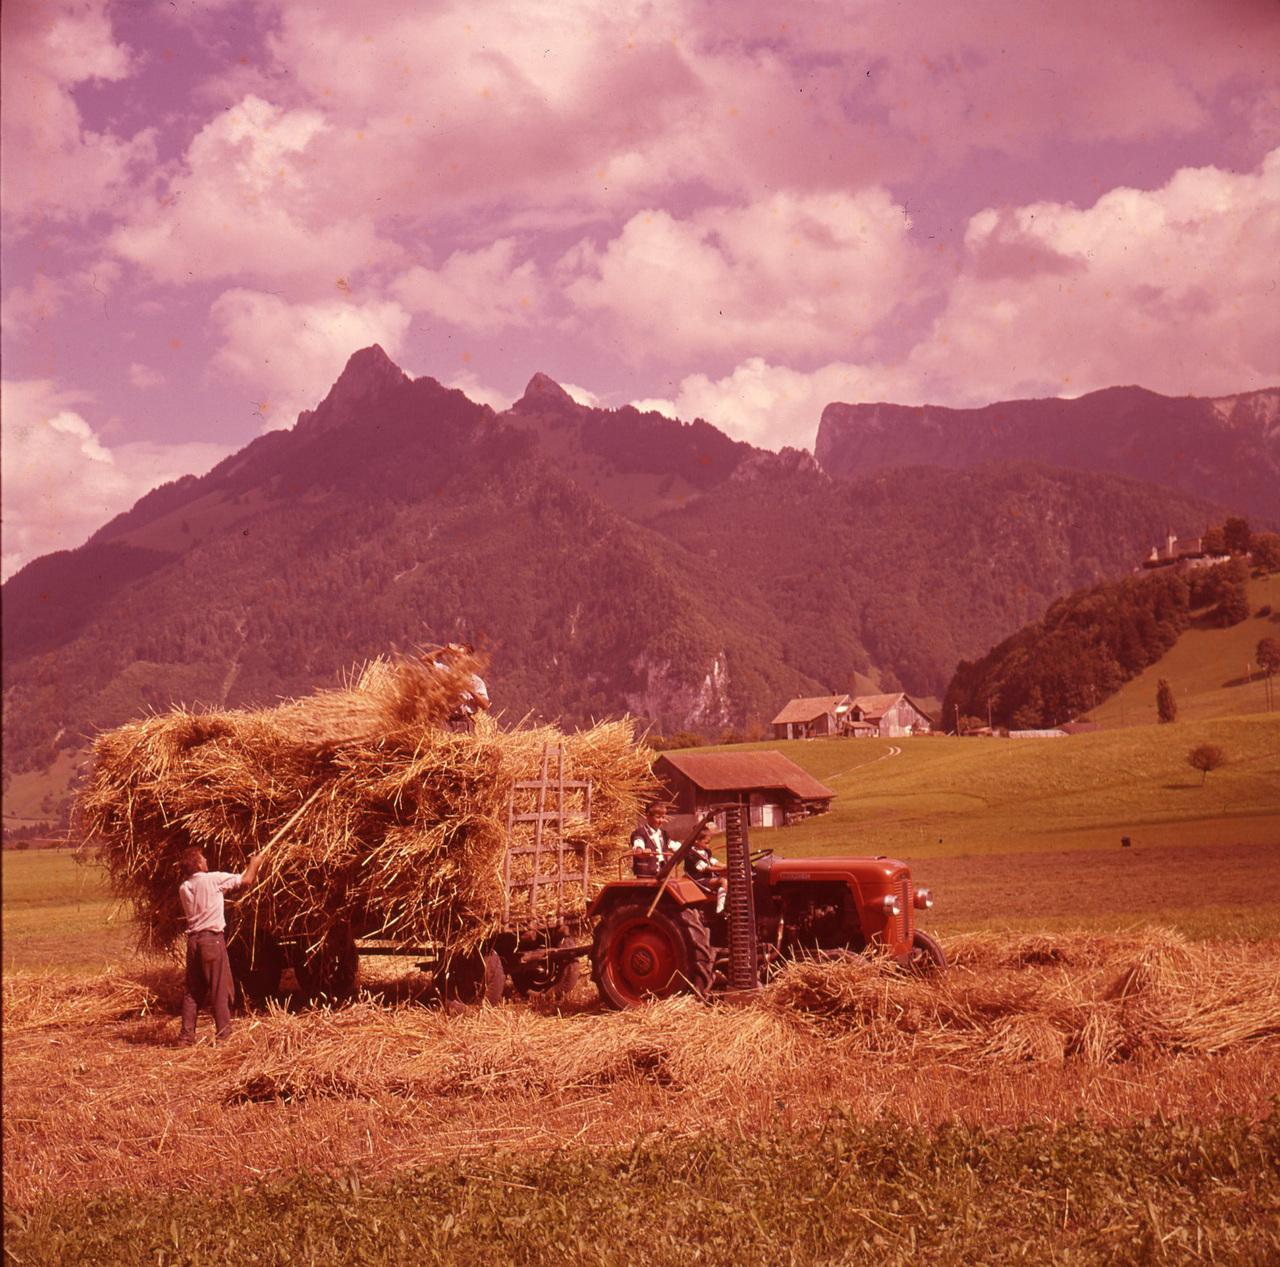 [SAME] Trattori Same in Svizzera - 1/9/61